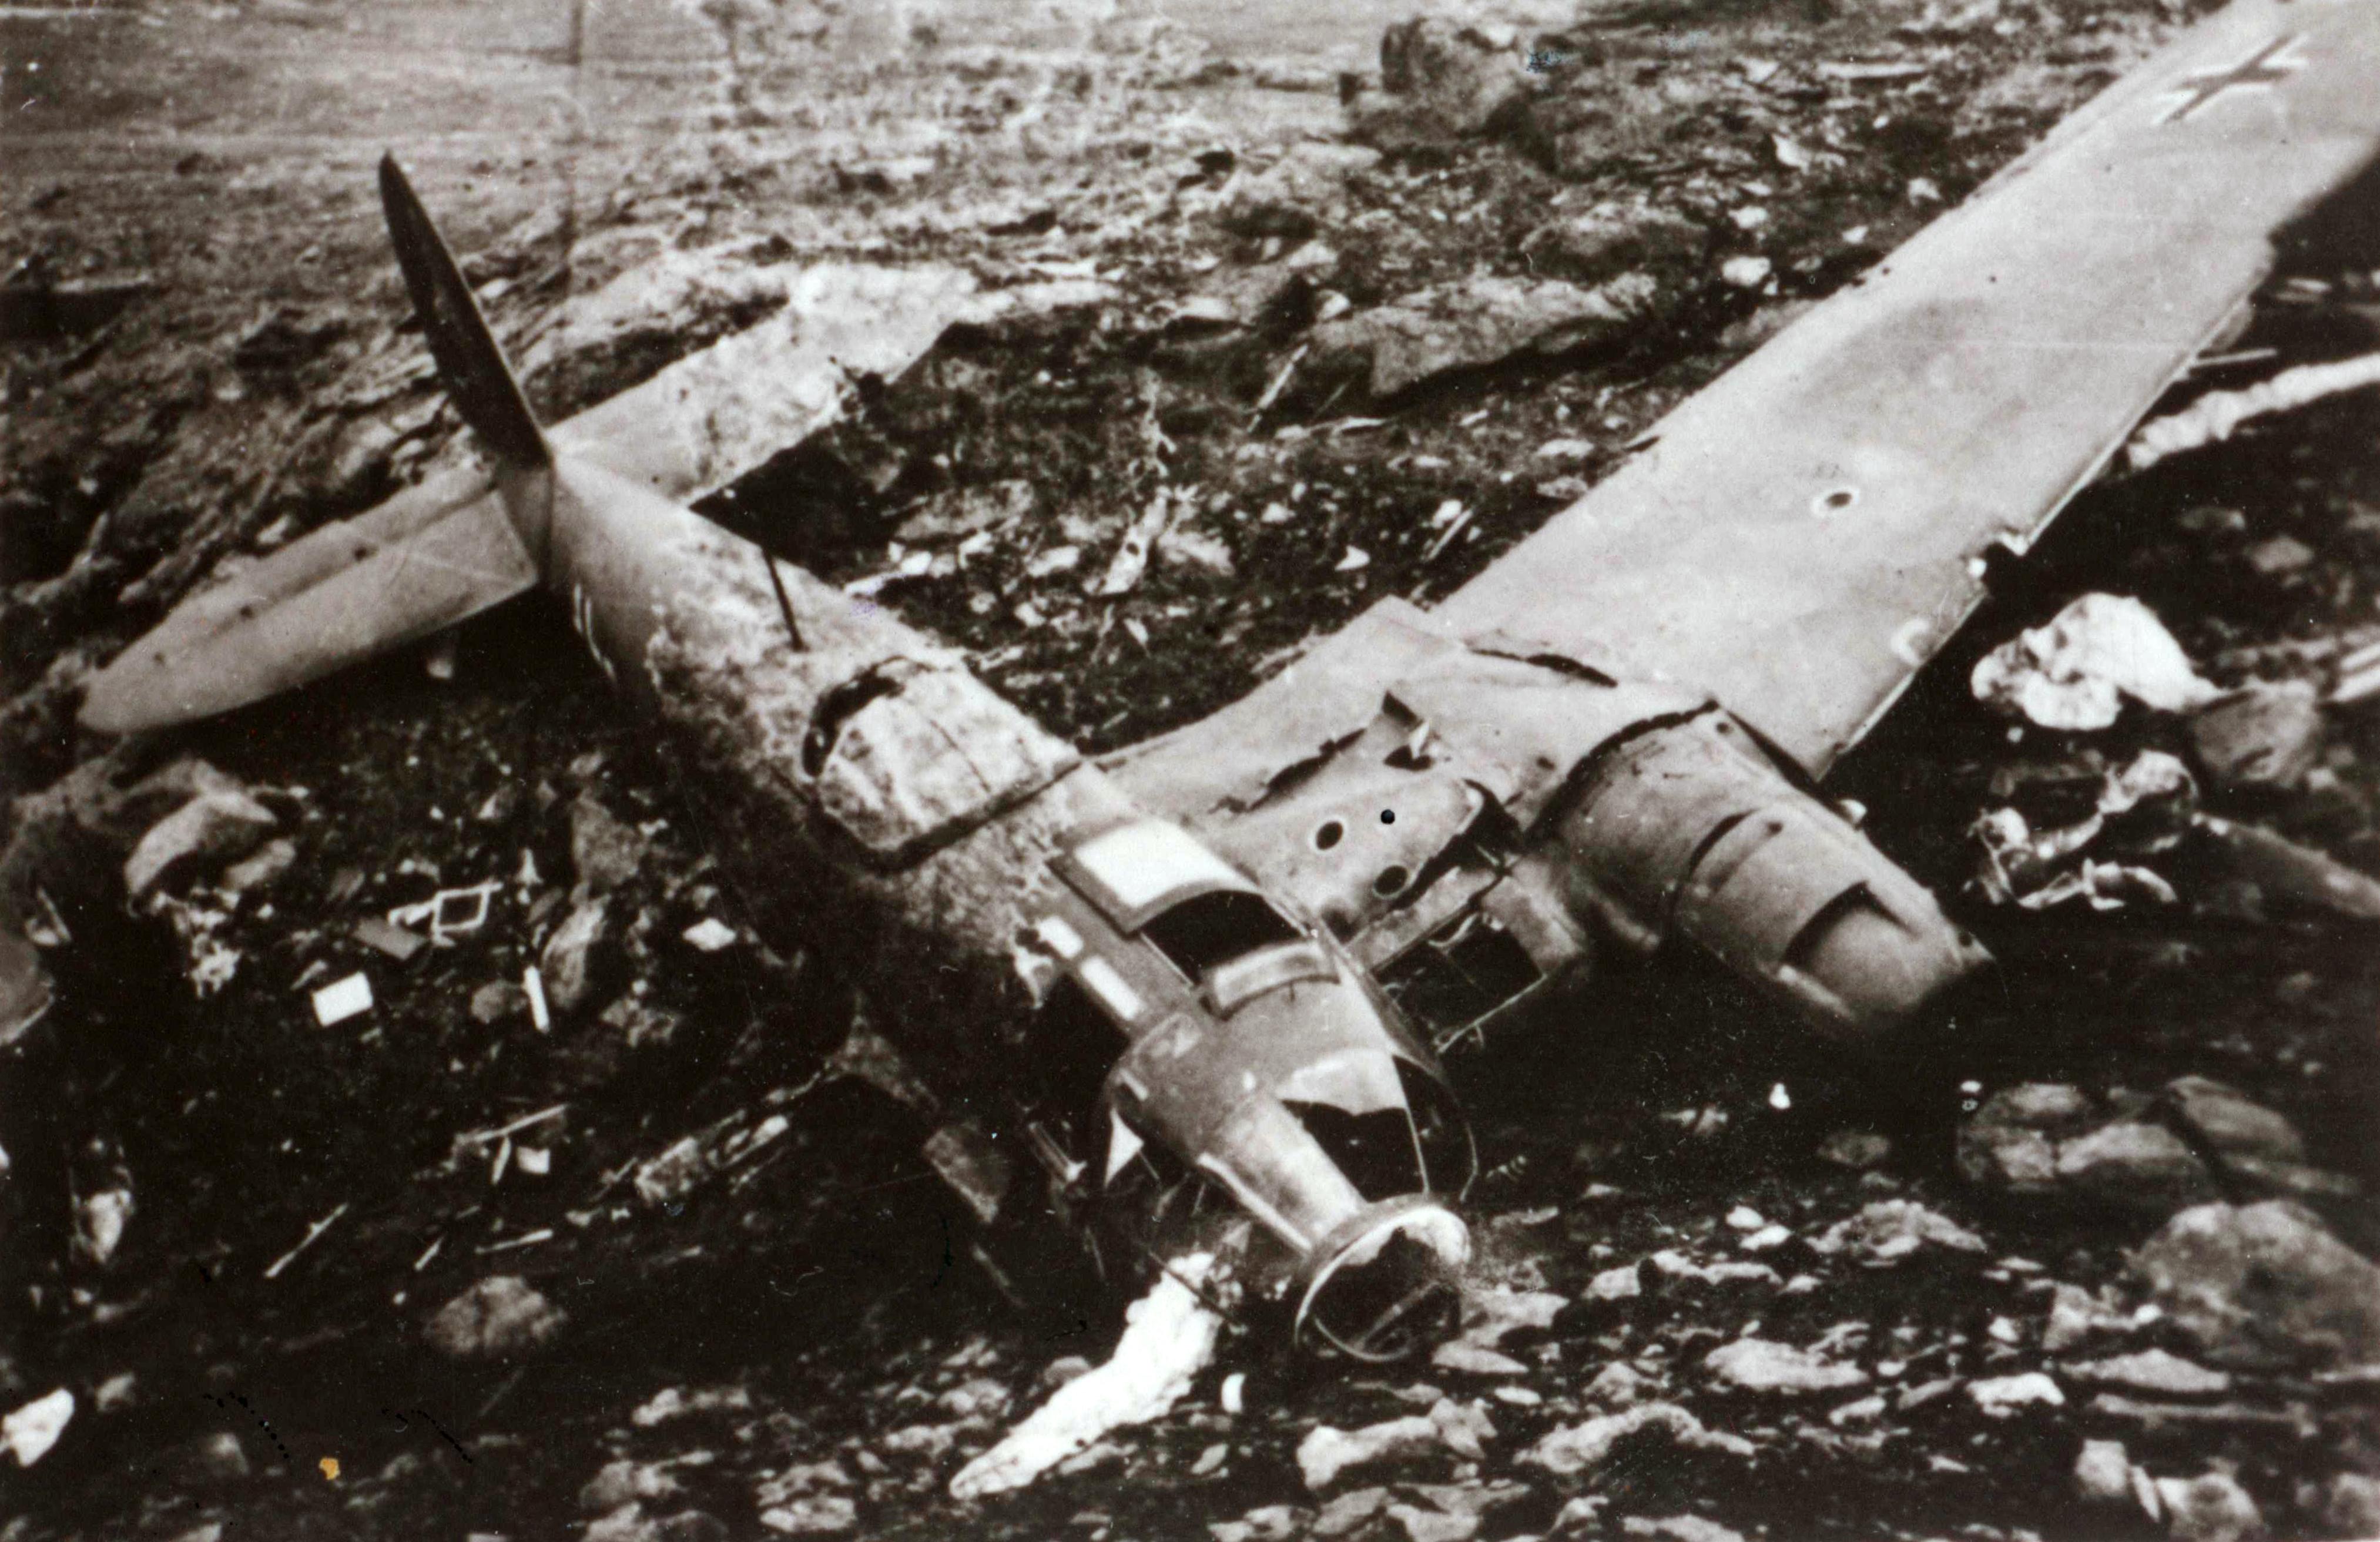 странице сбитый самолет картинки прошлом